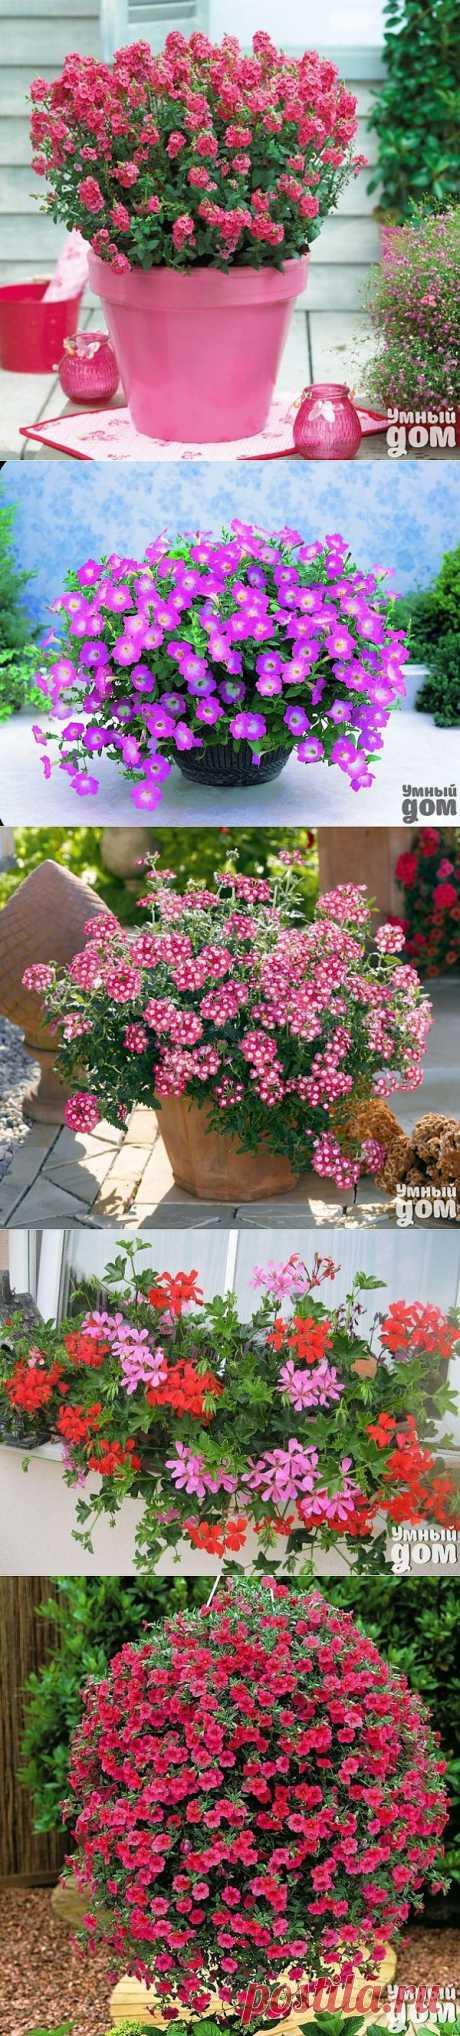 Ампельные растения в Вашем саду!